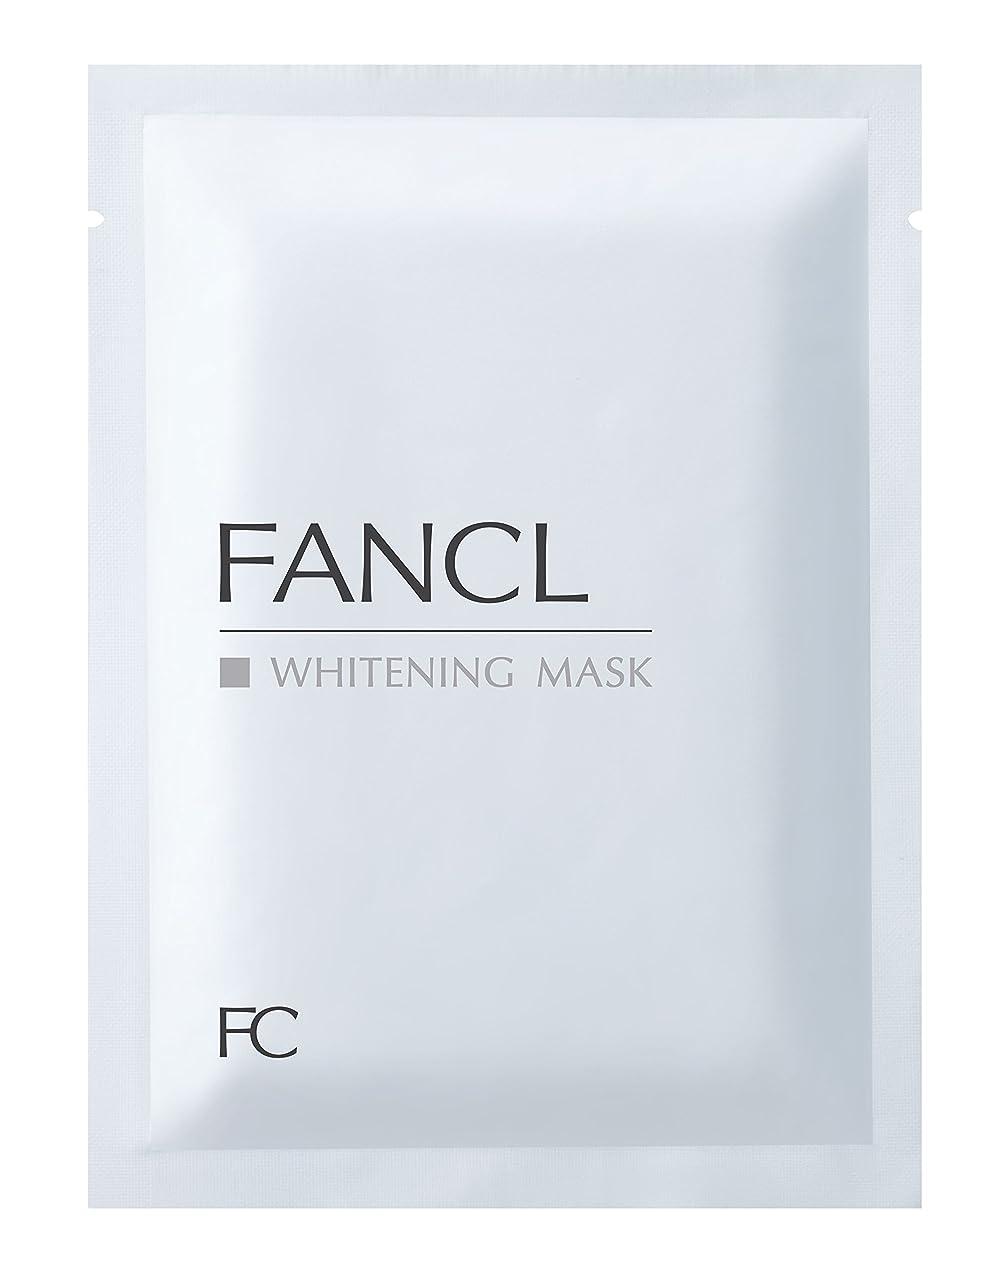 中にソース見える(旧)ファンケル(FANCL) ホワイトニング マスク<医薬部外品> 21mL×6枚